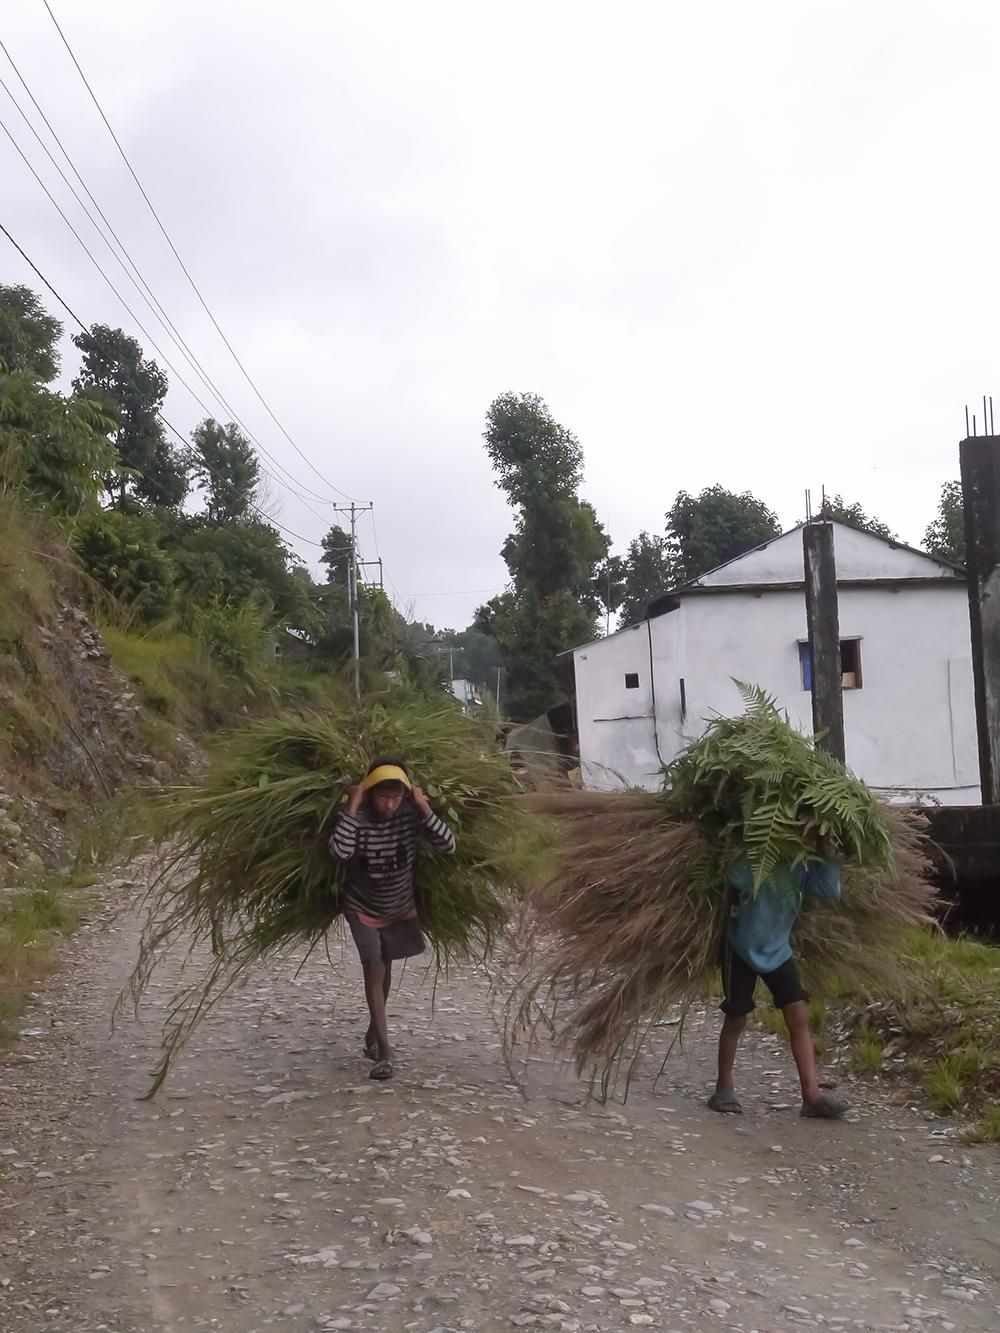 Trip to Nepal, nepal tourism, travel nepal, Pokhara, Sarangkot, hike in sarangkot